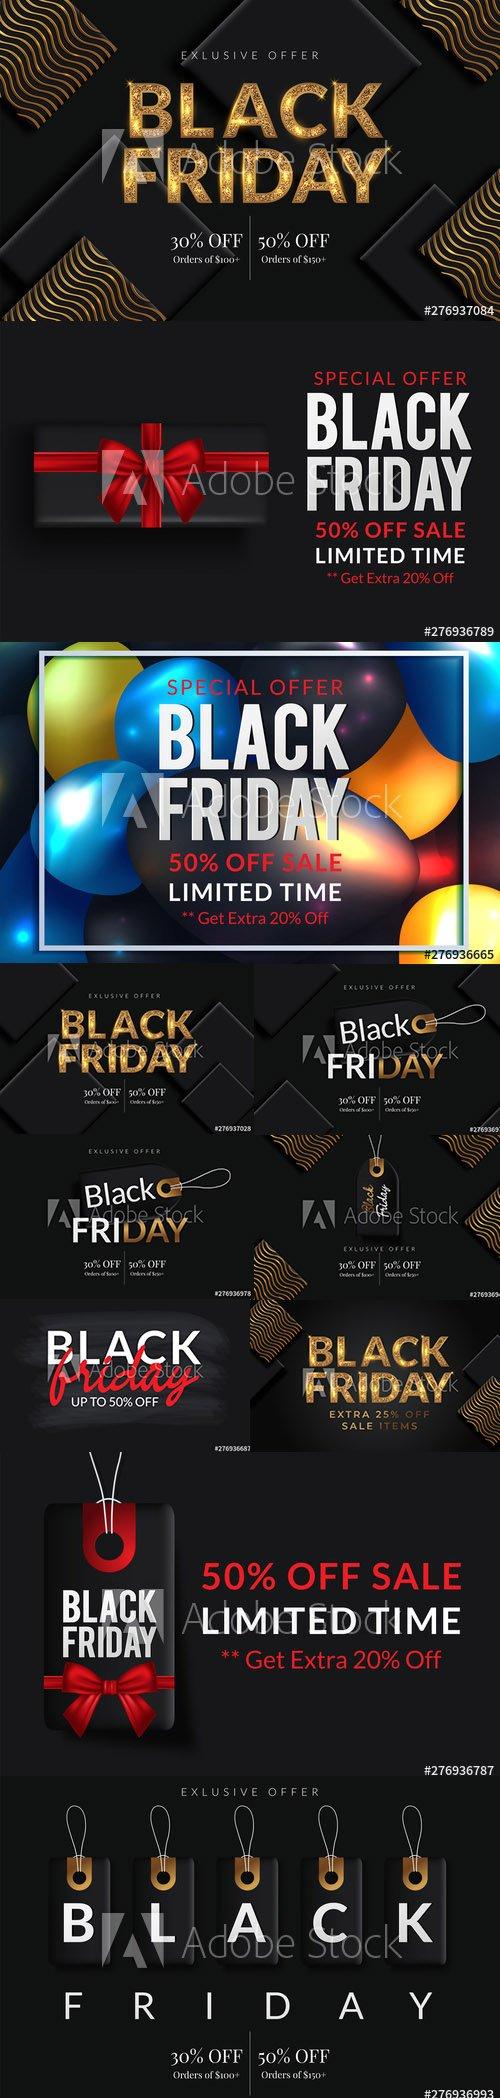 Black Friday Sale Poster Banner Illustration vol3